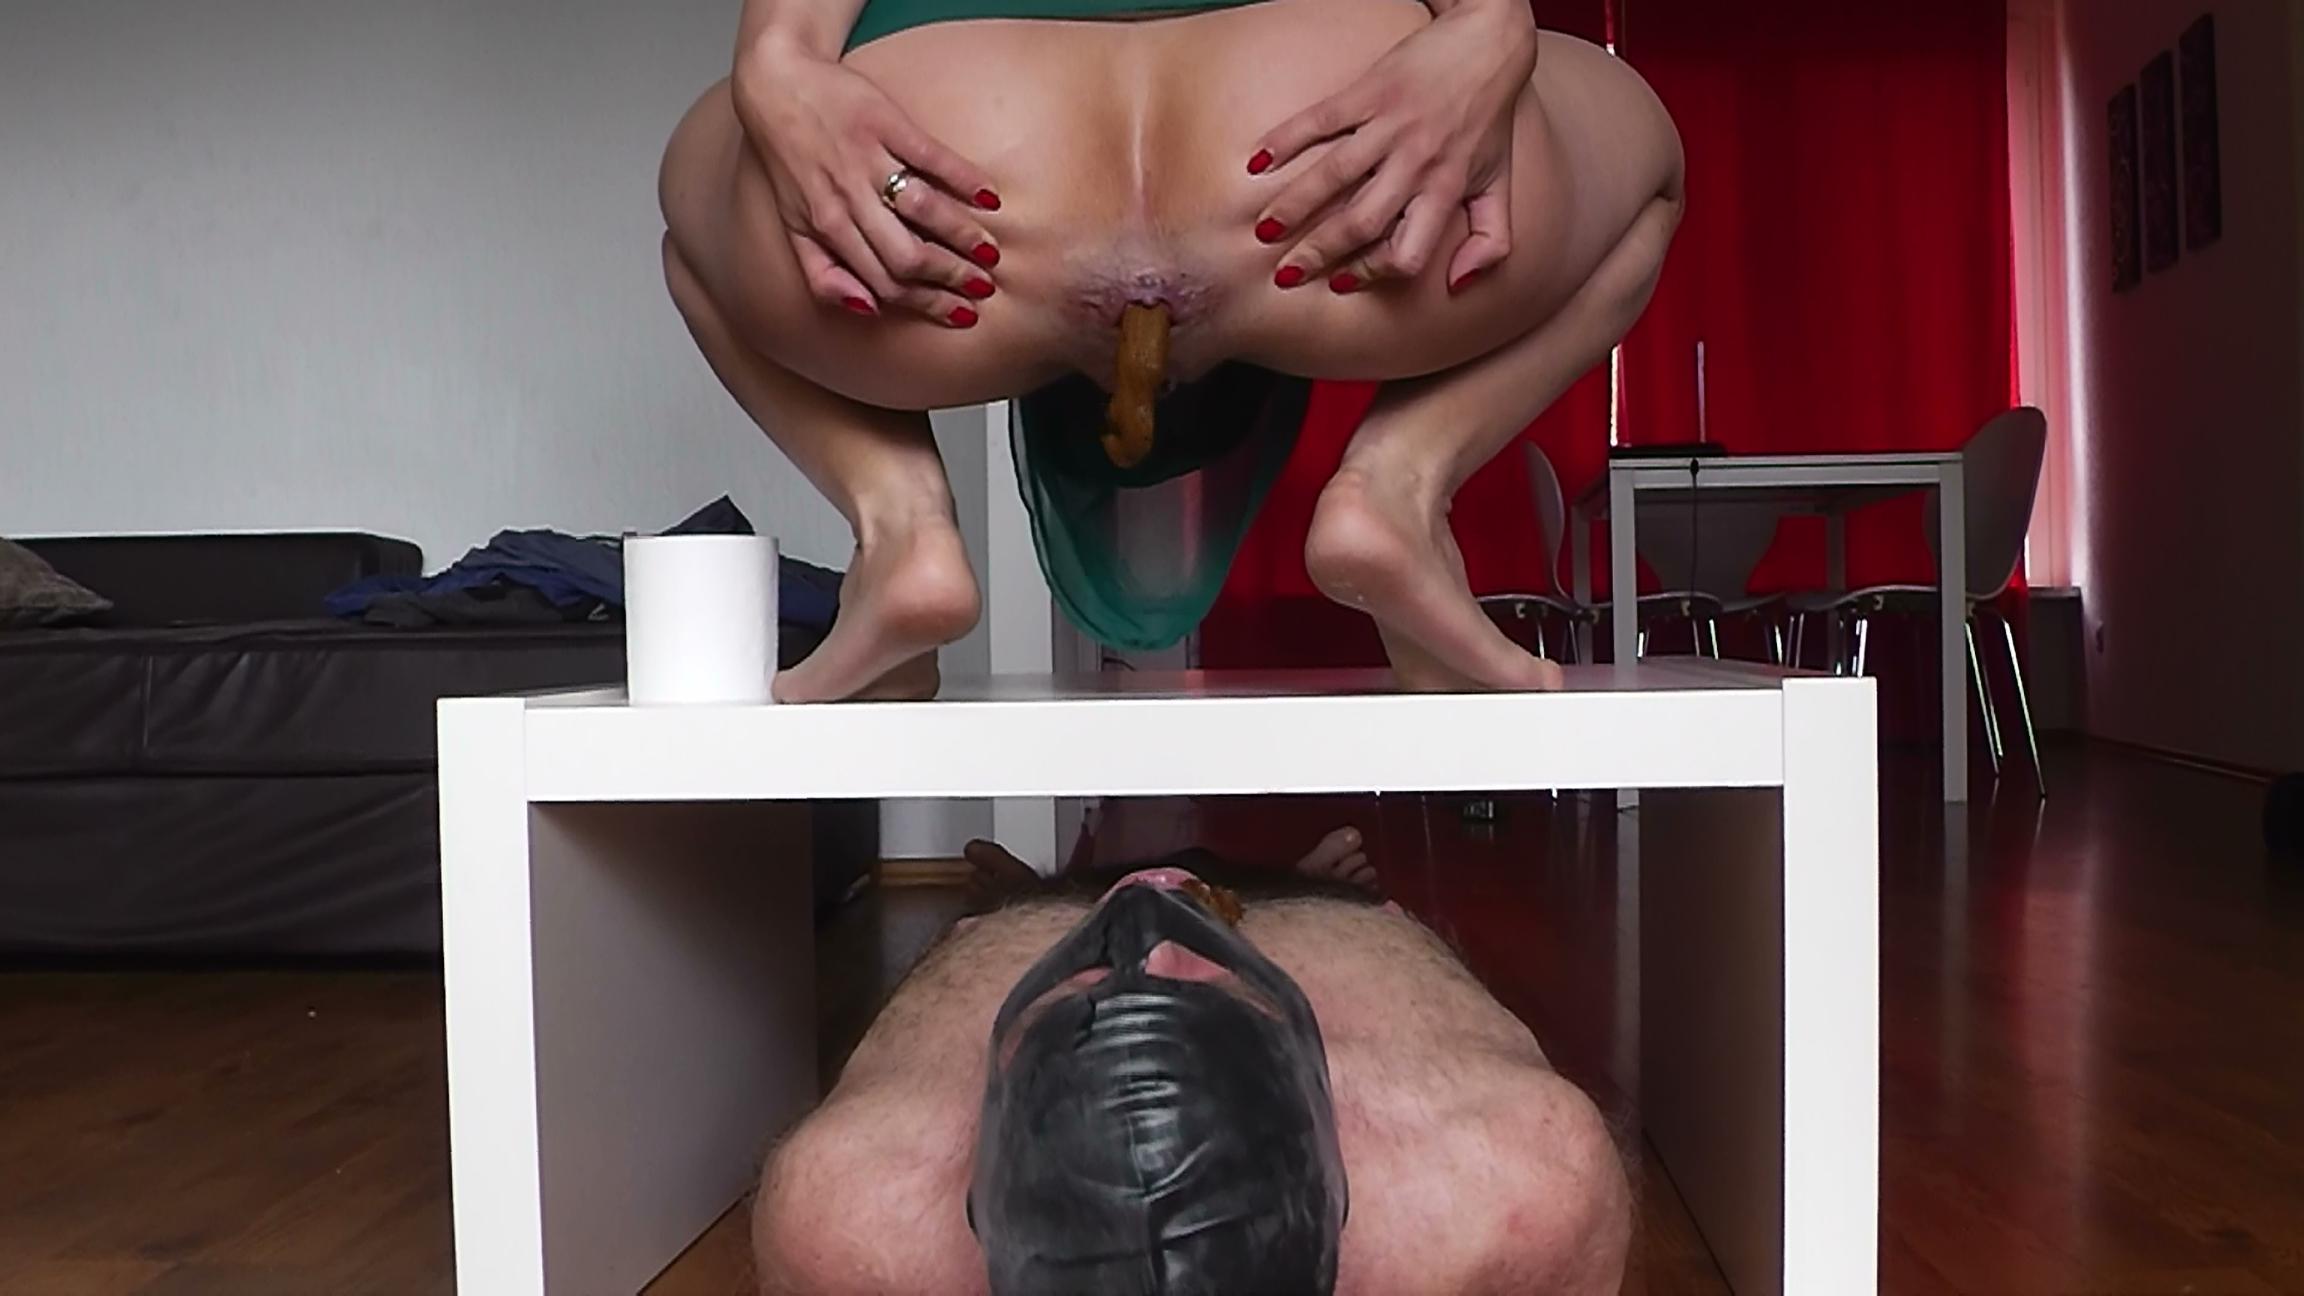 toilet-slave-humiliation-femdom-ebony-big-tit-bondage